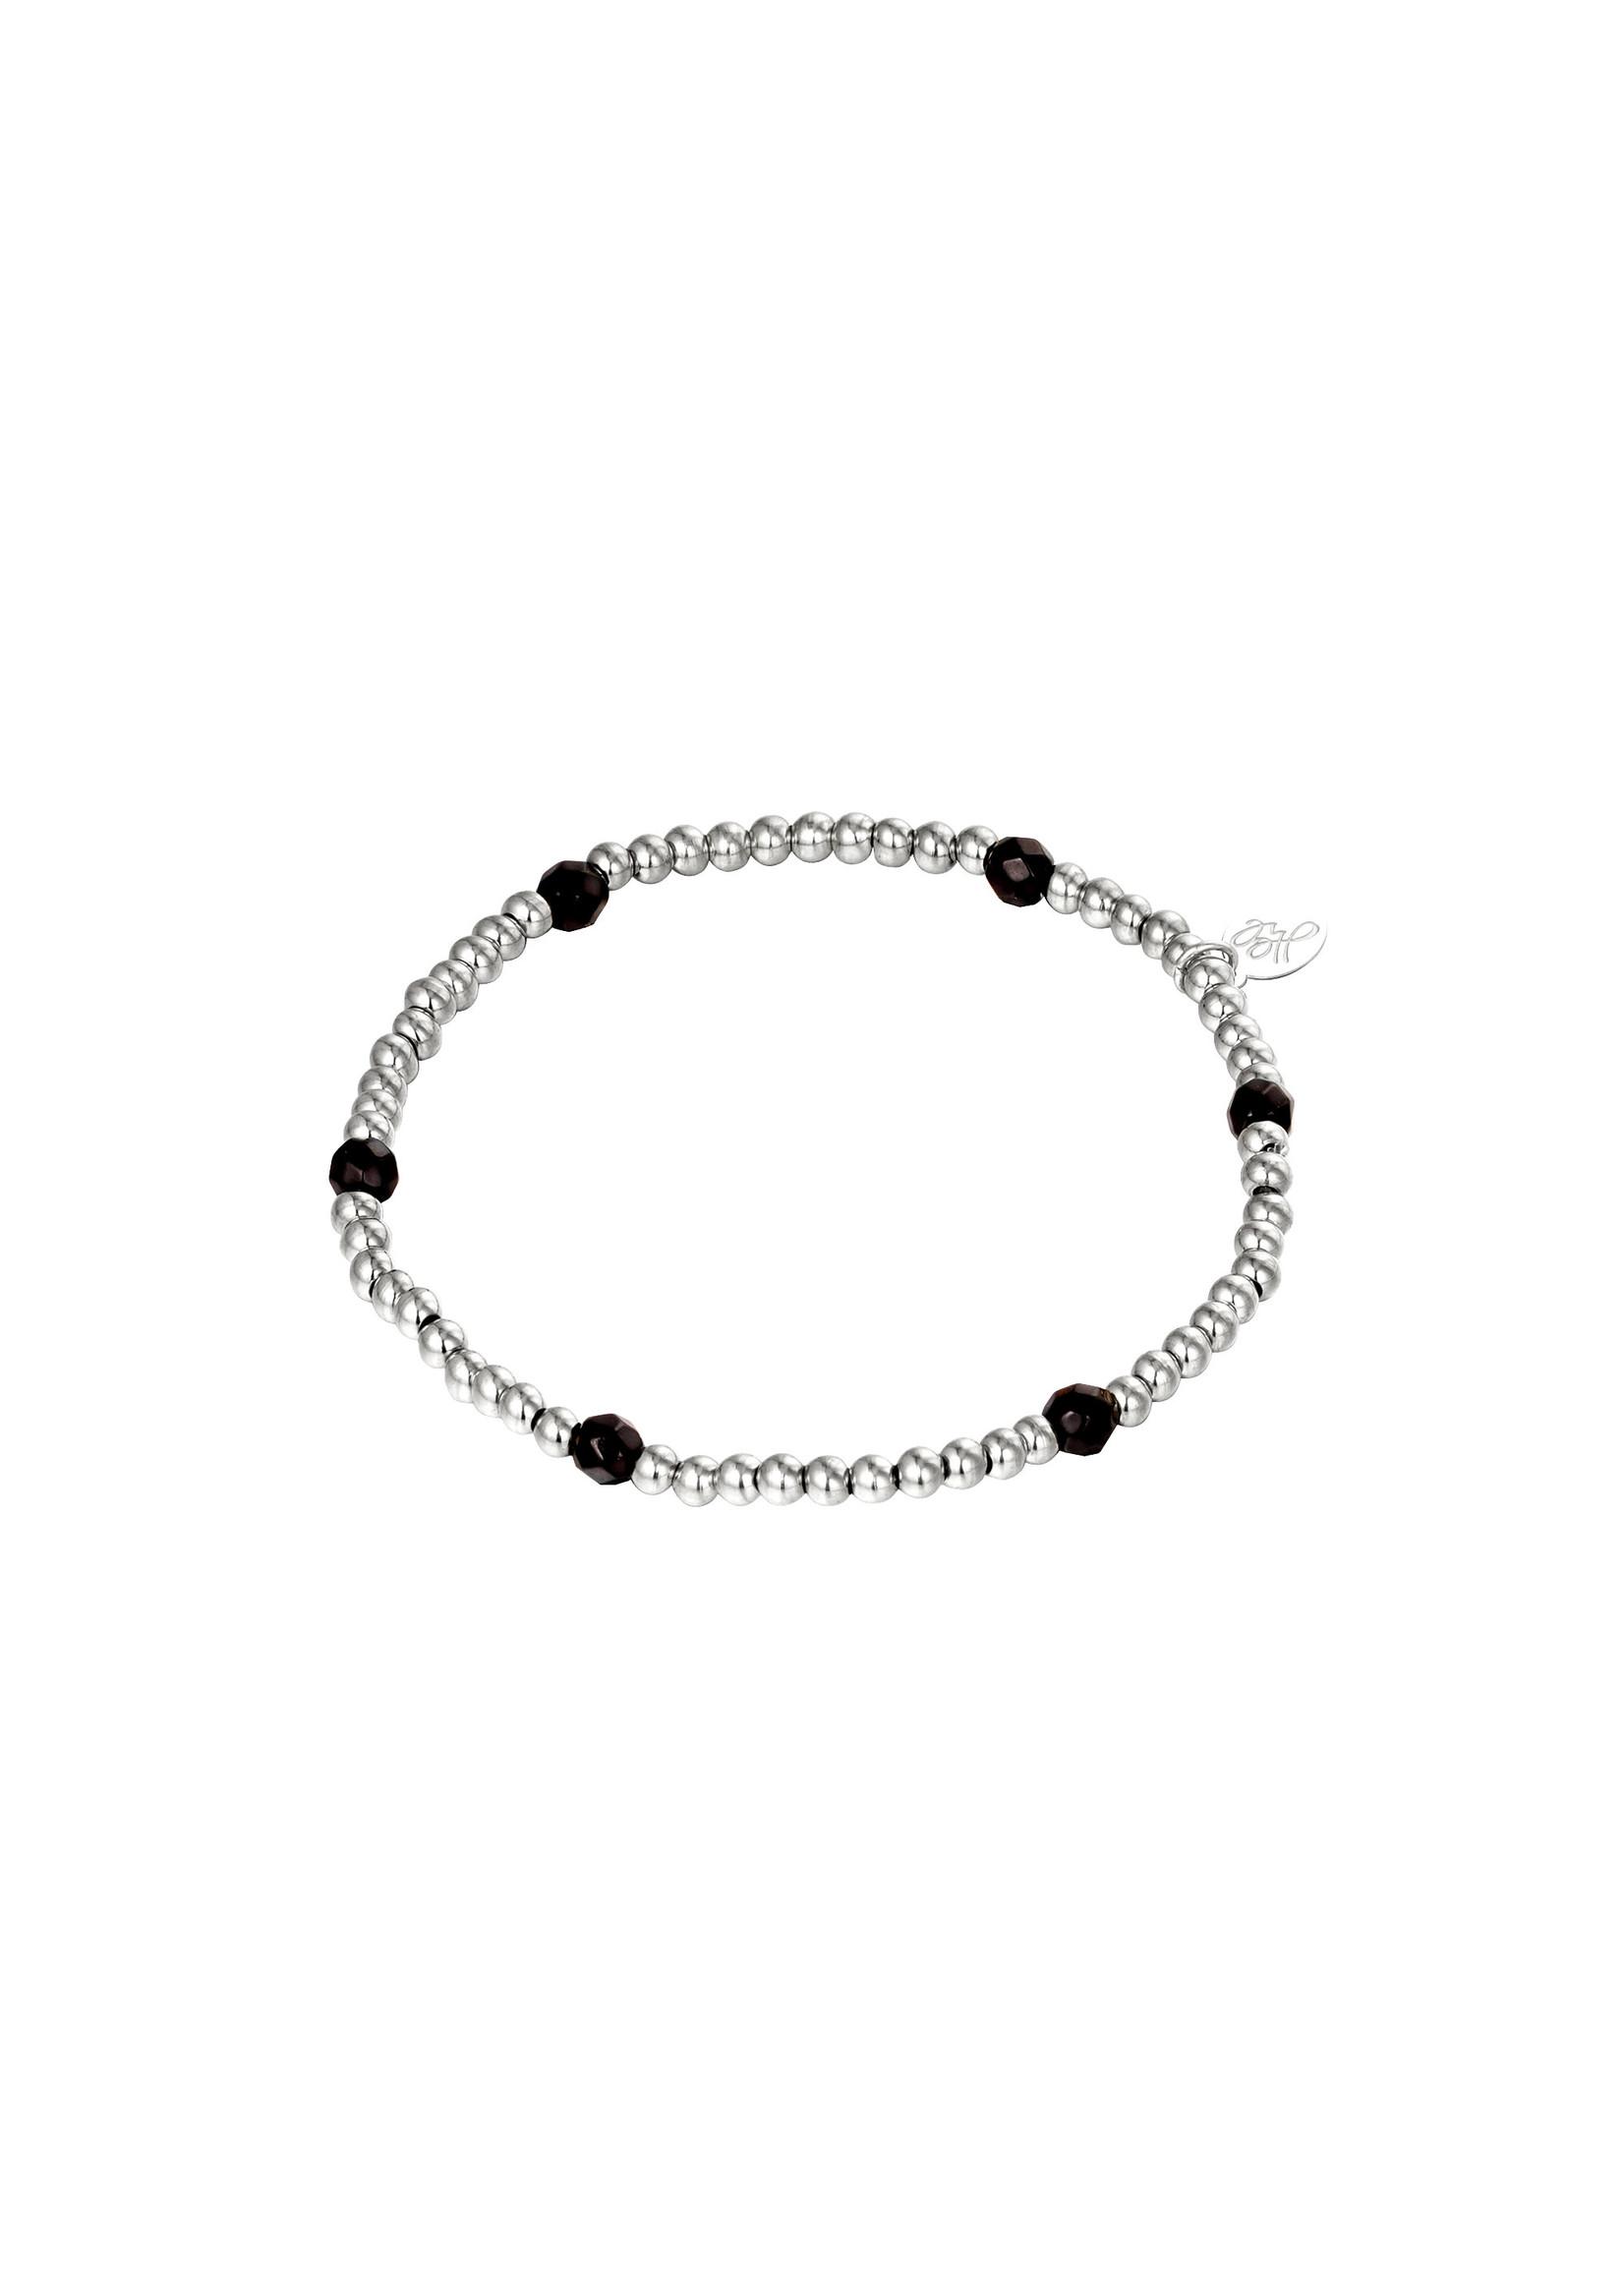 Ladybugs Armband stainless steel elastiek met kraaltjes ZILVER/ZWART 1